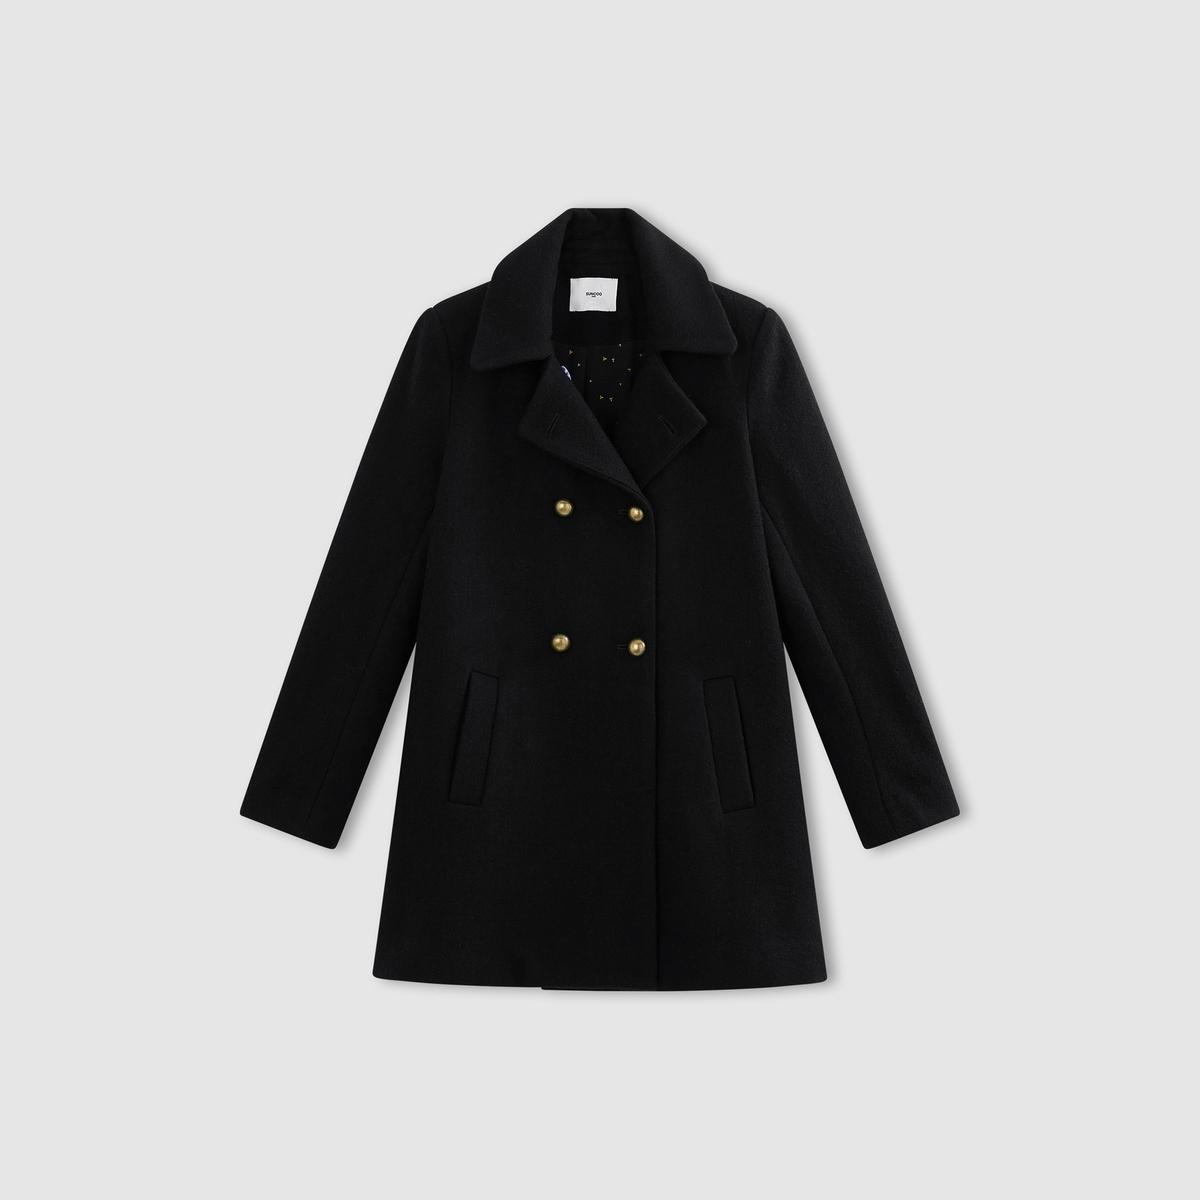 Пальто шерстяное Edma пальто рогожка драповое 60% шерсти